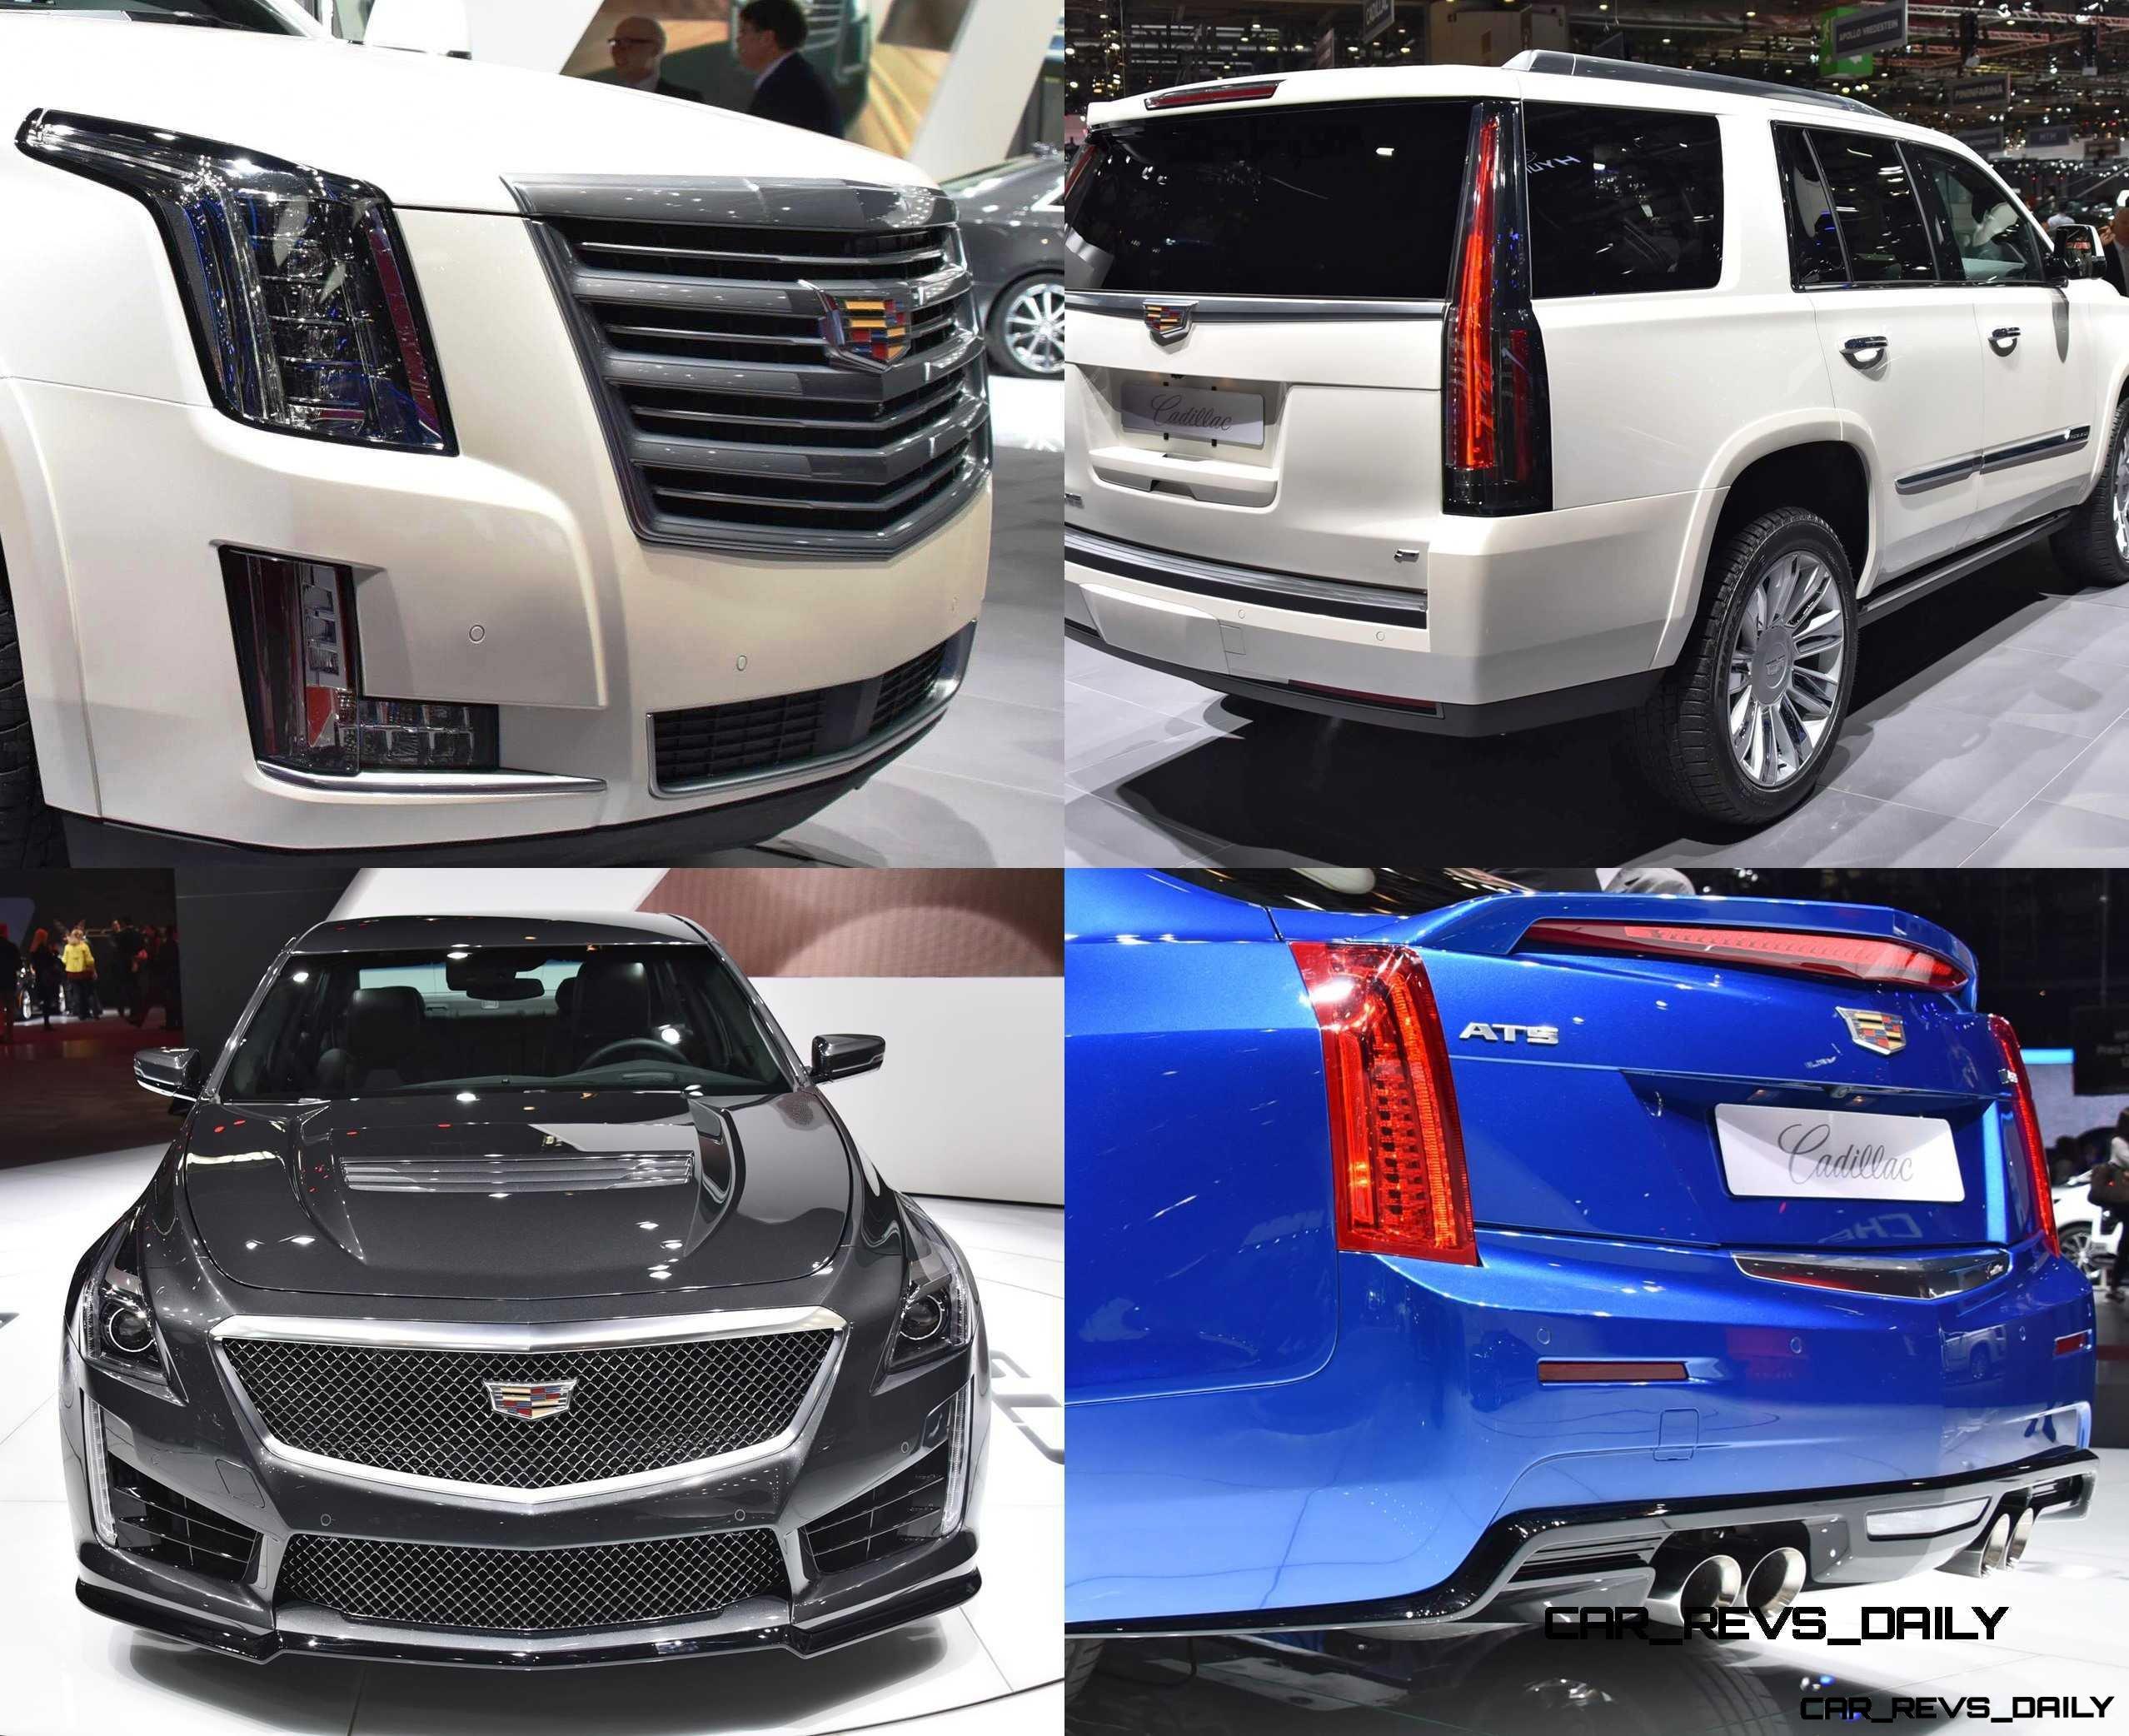 Geneva 2015 Gallery - Cadillac ATS-V and CTS-V + Euro-Spec Escalade Platinum 1-tile